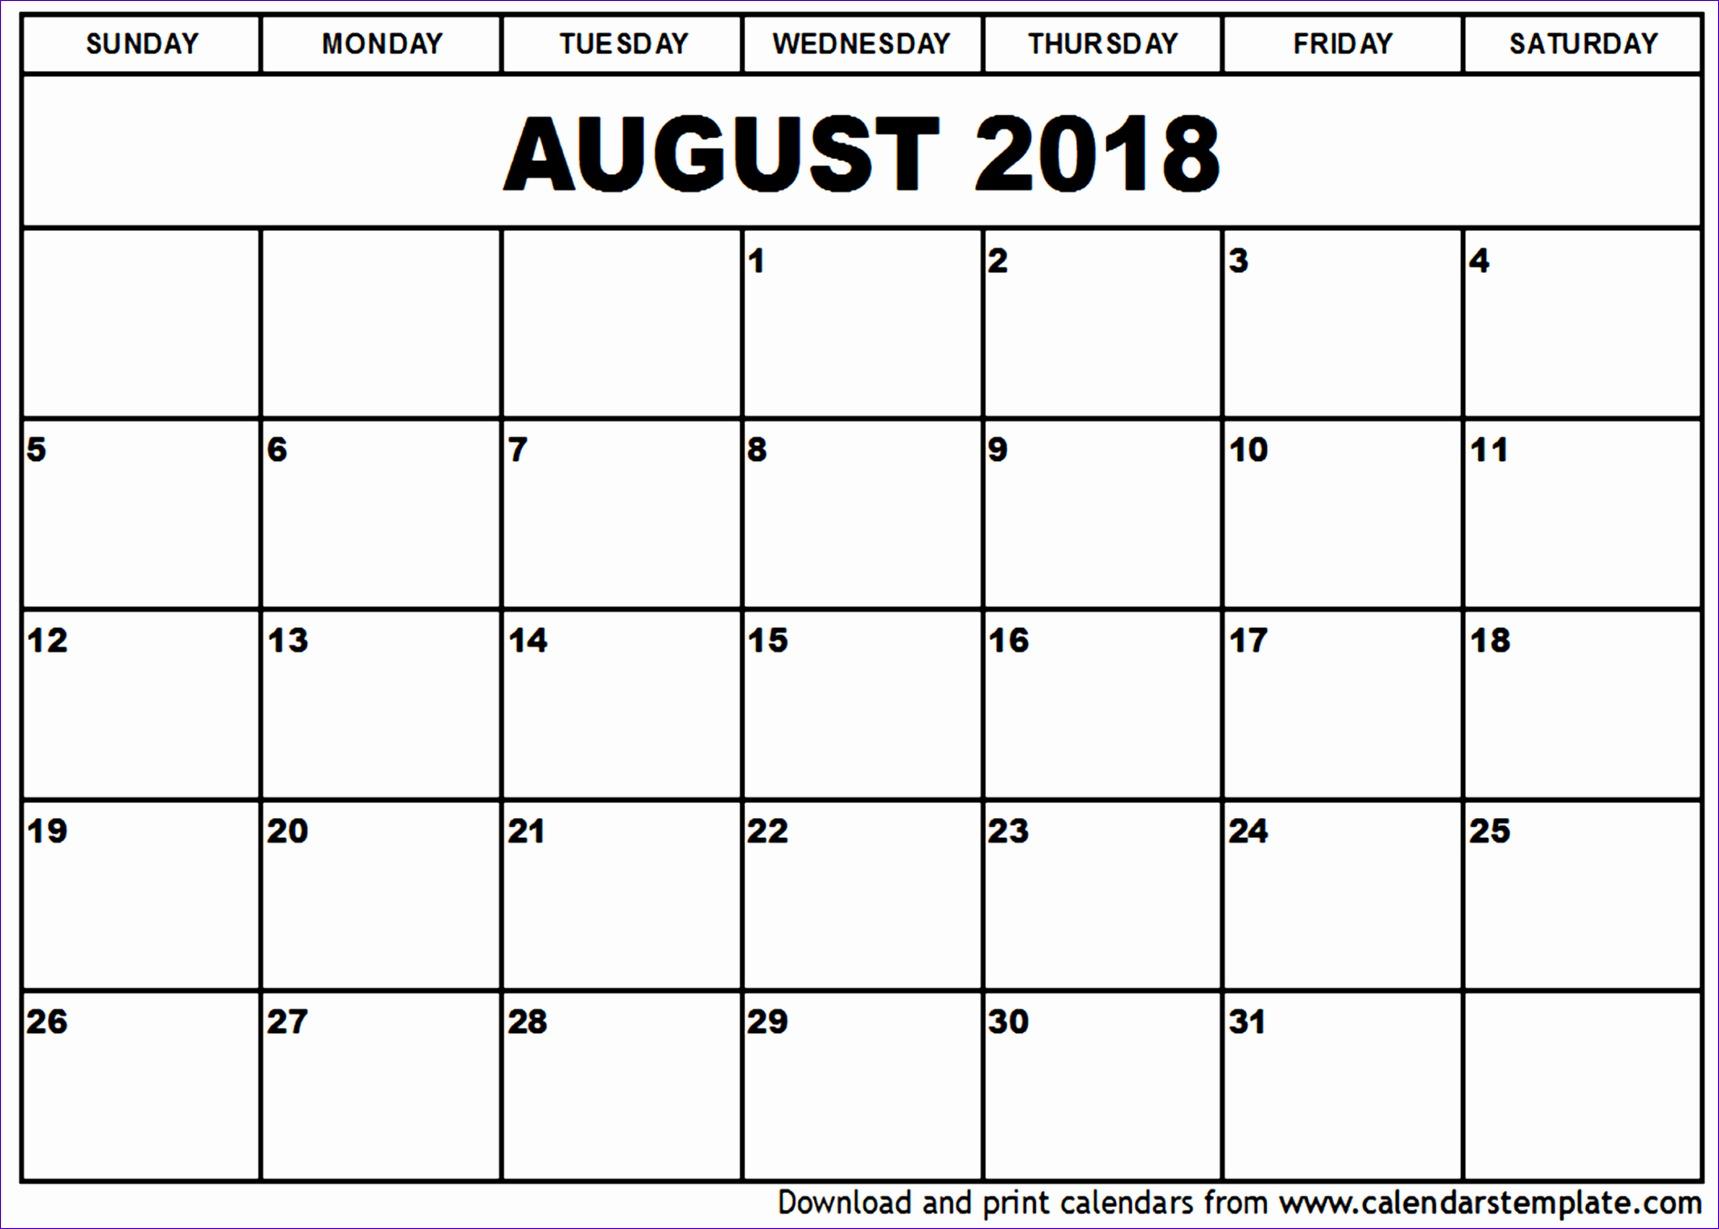 august 2018 calendar template 1596 17191229